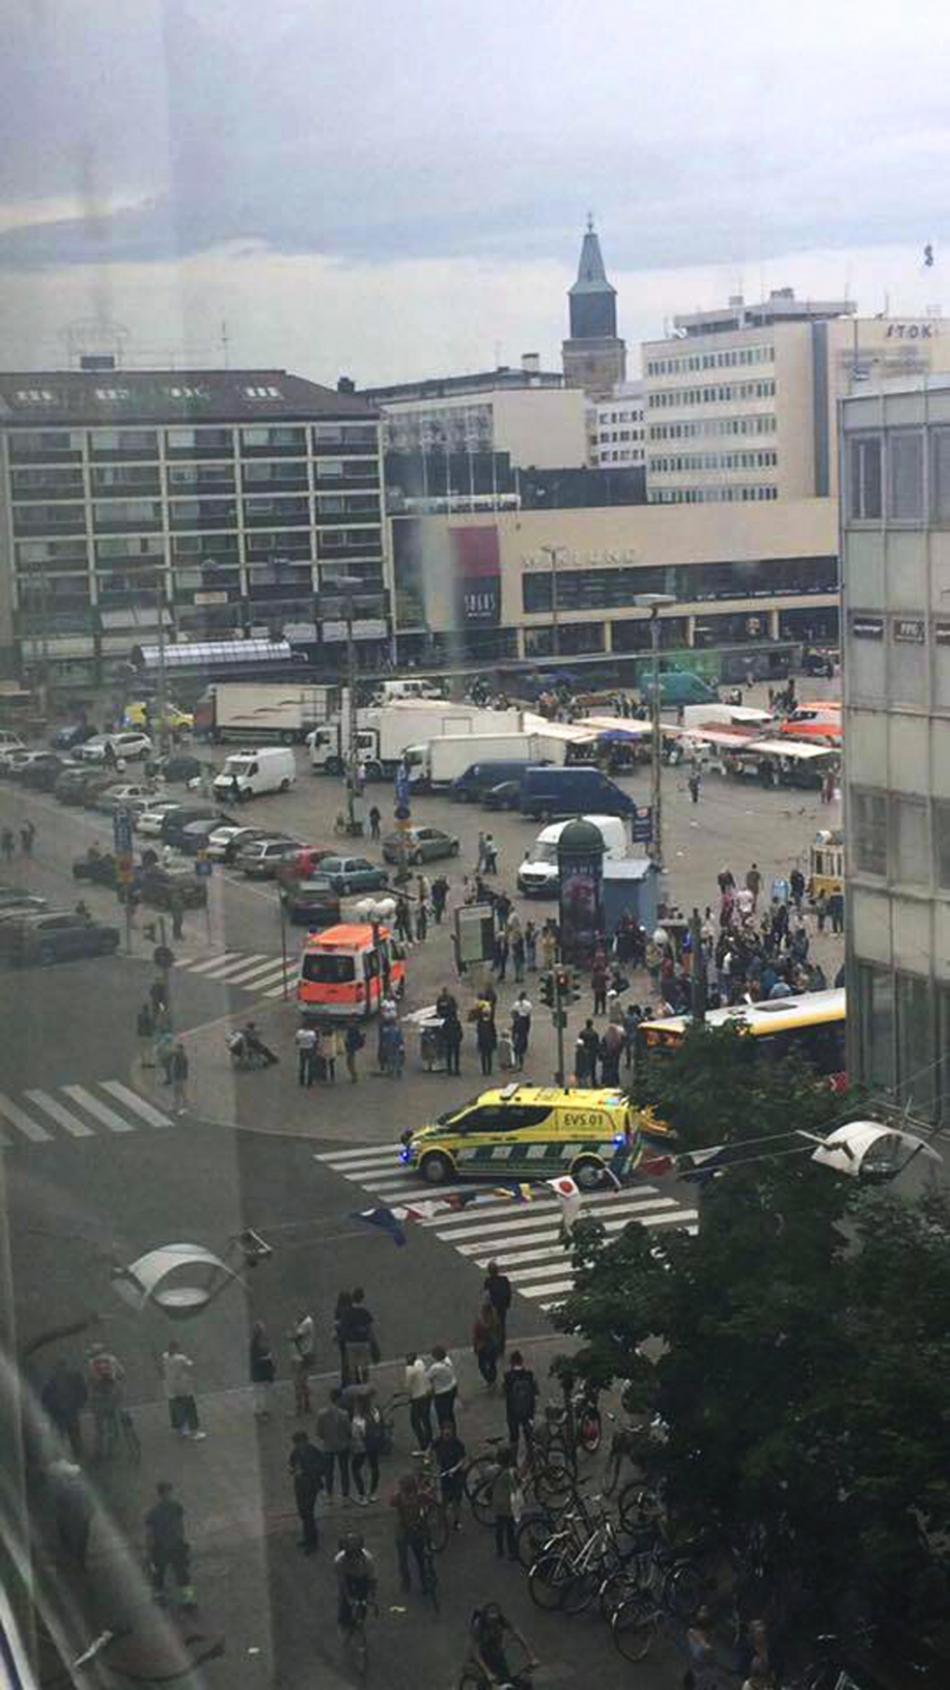 Pohled na náměstí v Turku po útoku